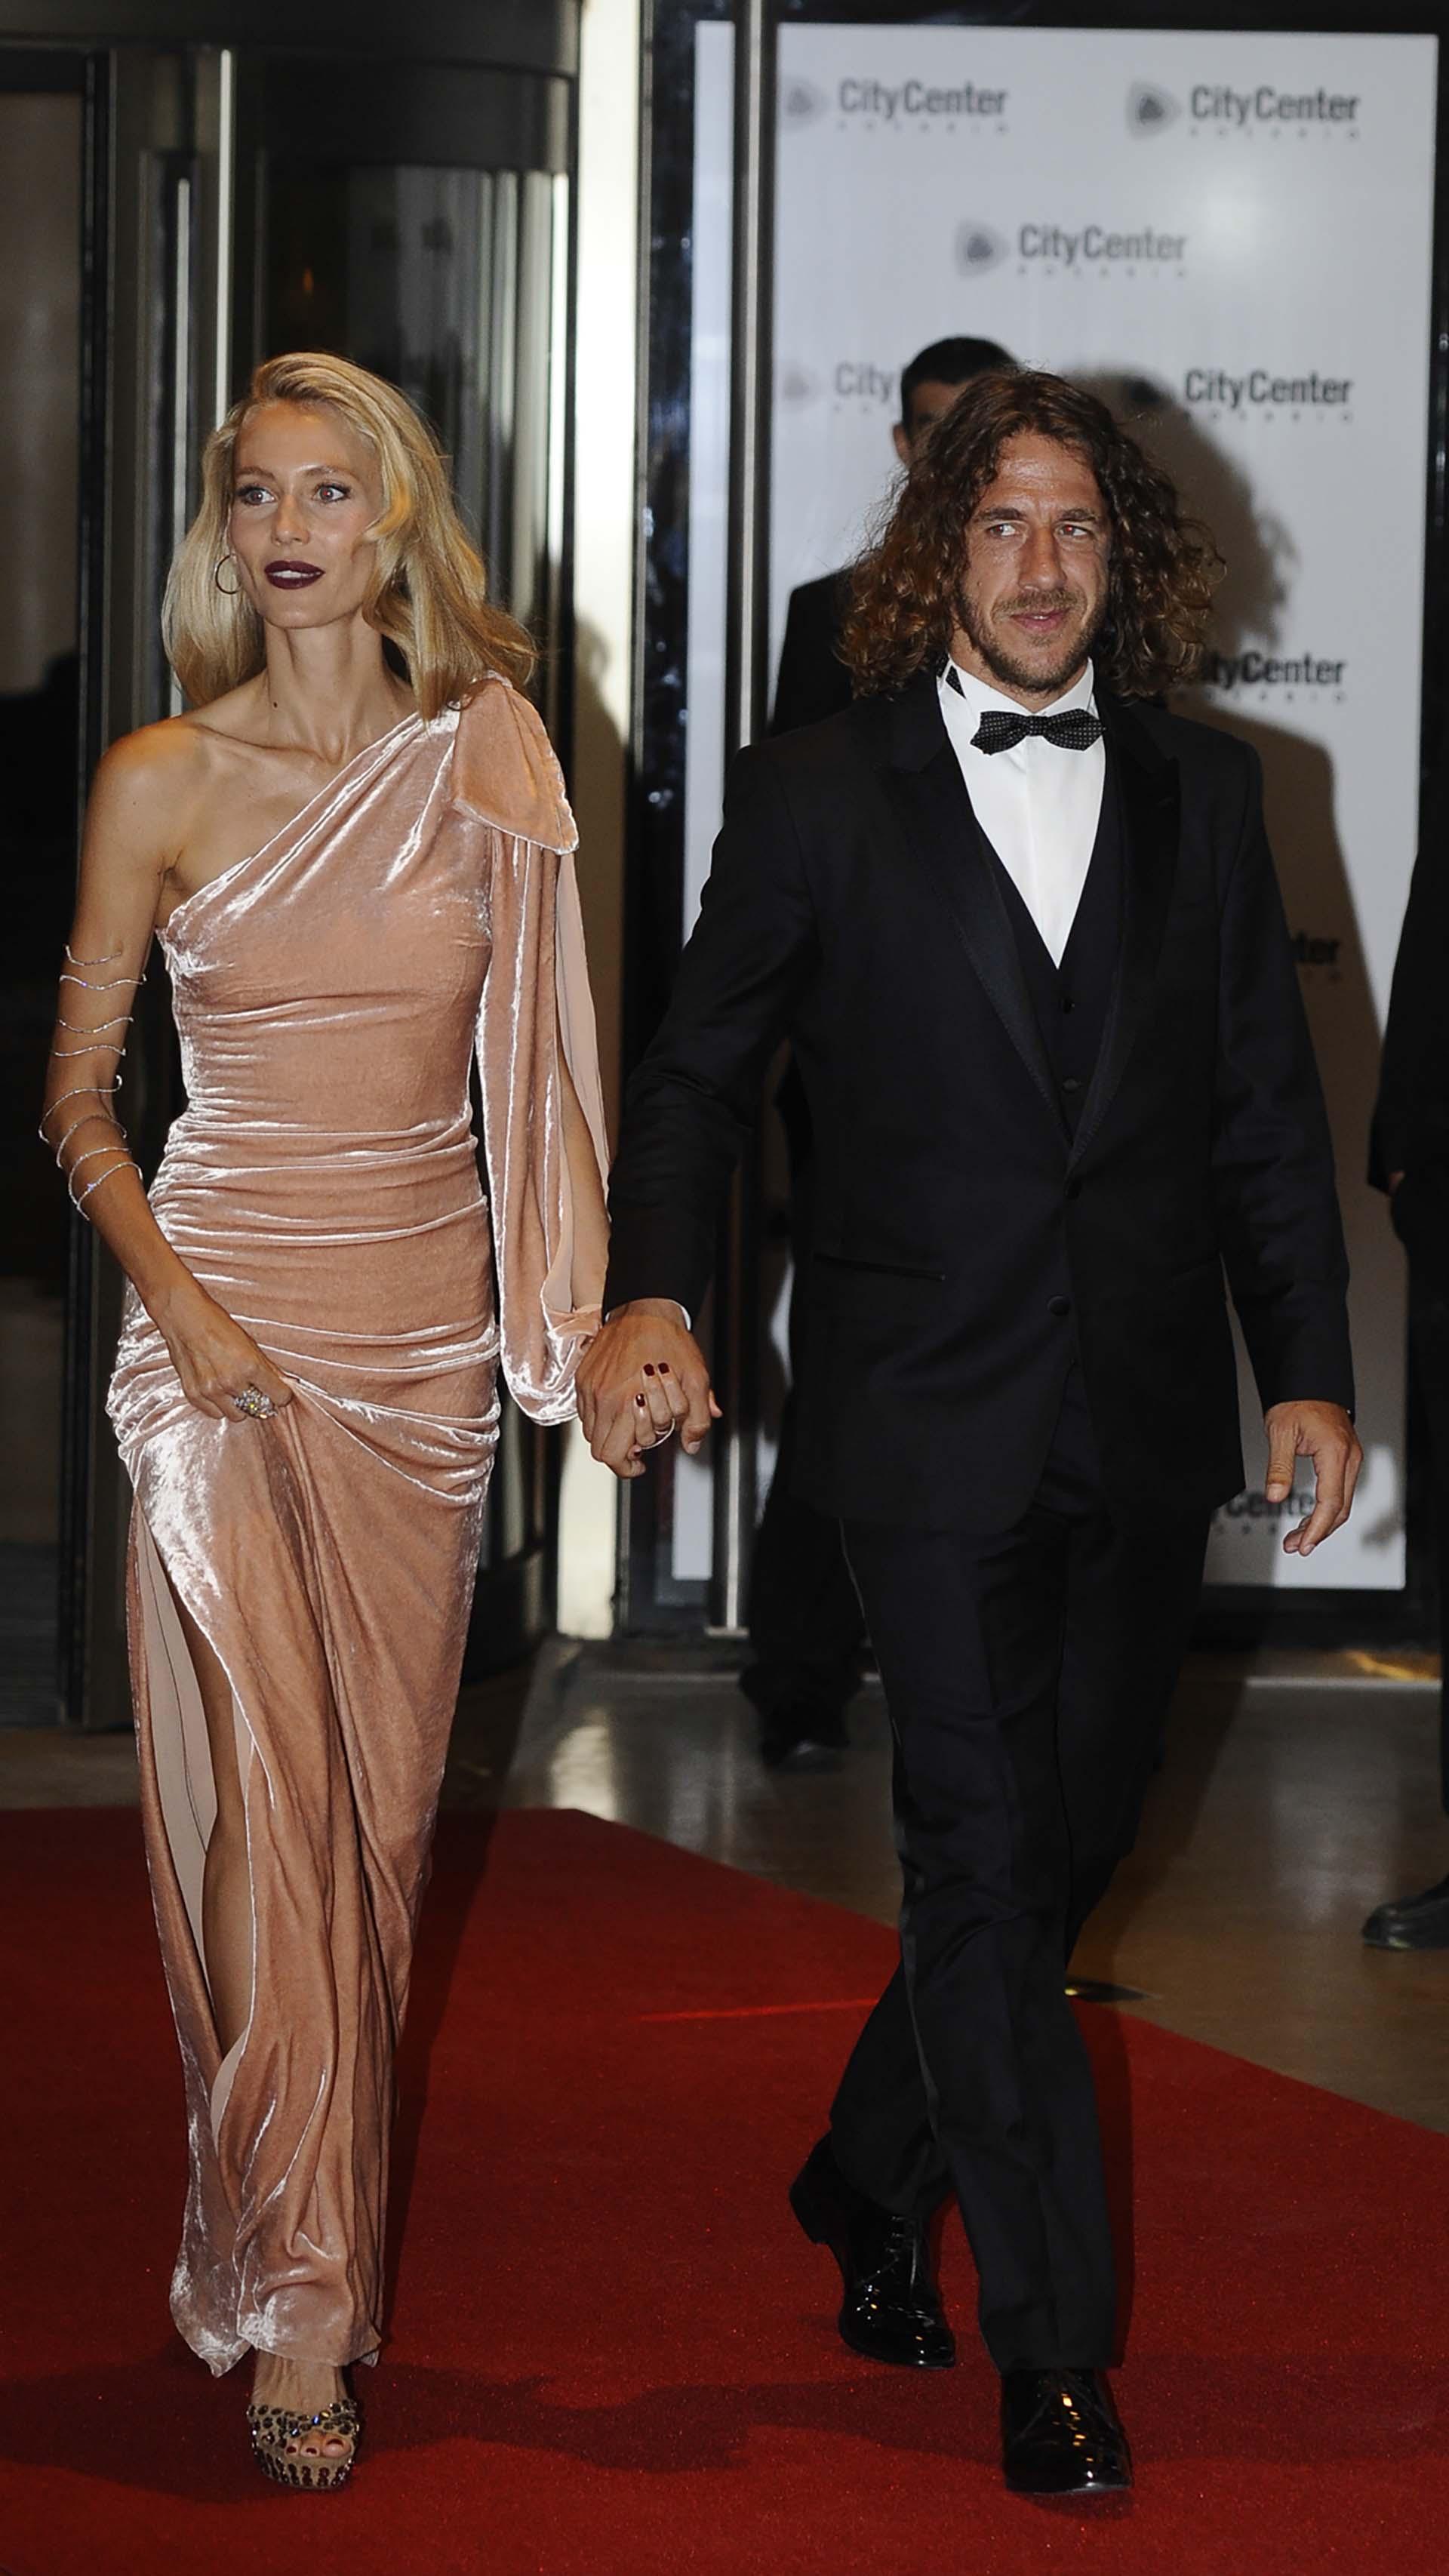 Carles Puyol, vestido con un smoking muy elegante junto a su mujer, Vanesa Lorenzo, quien mostró una pieza de alta costura en terciopelo